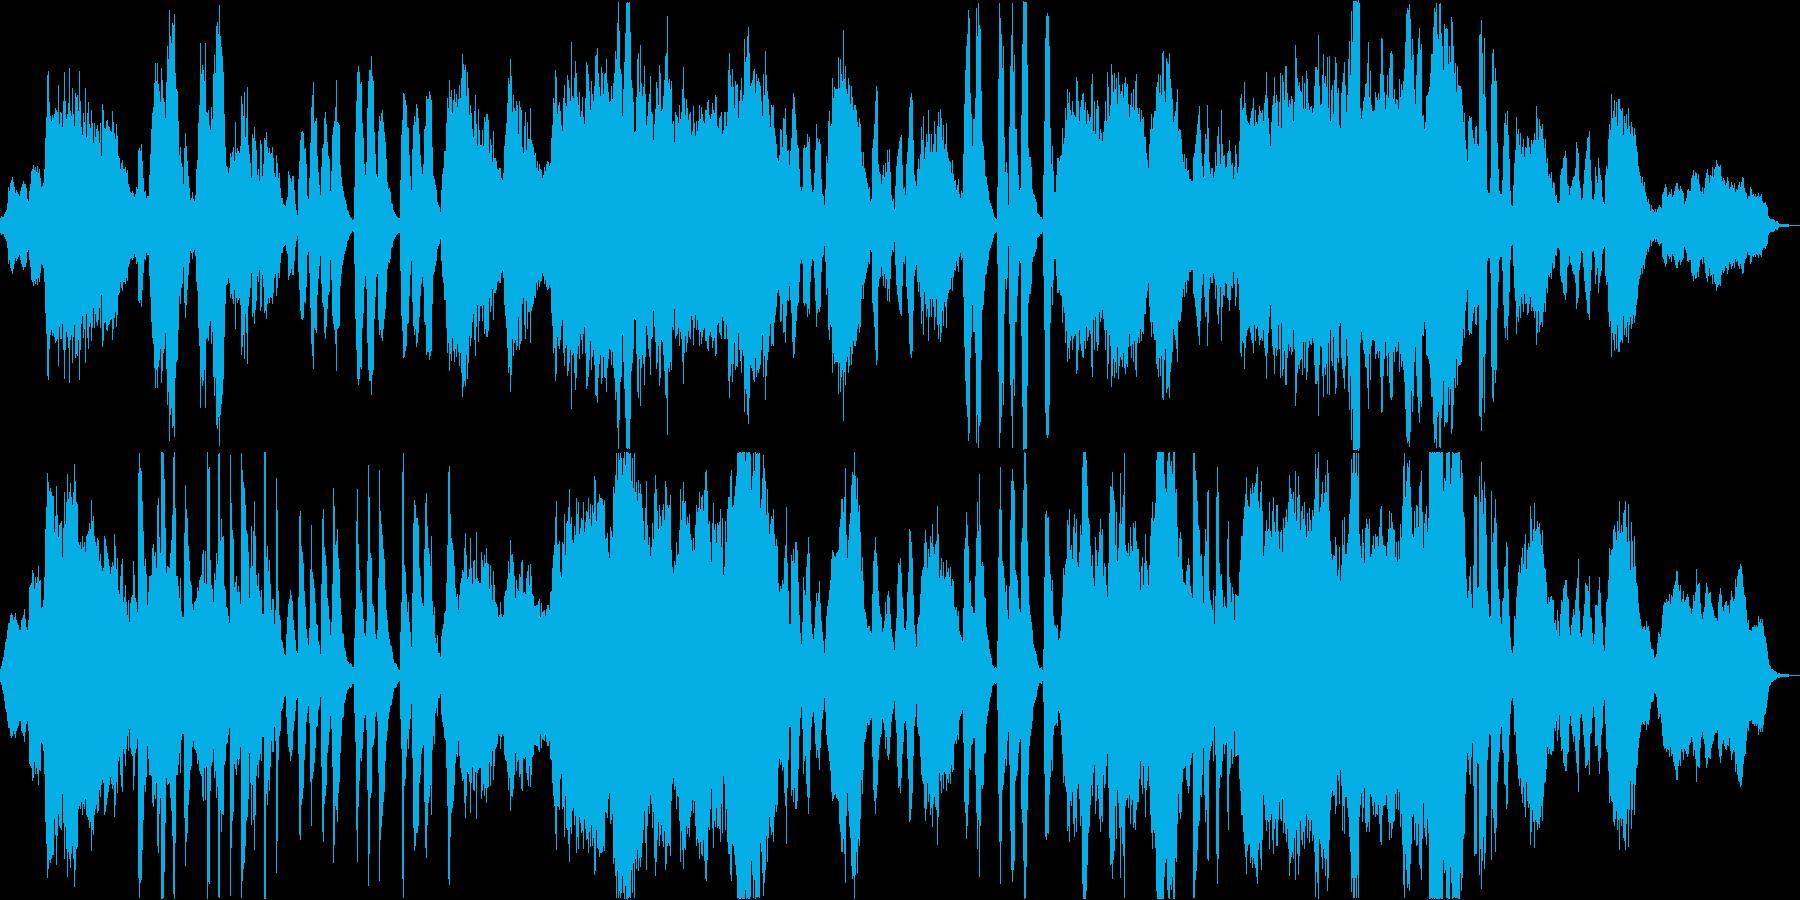 神秘的で幻想的、美麗なオーケストラ曲の再生済みの波形